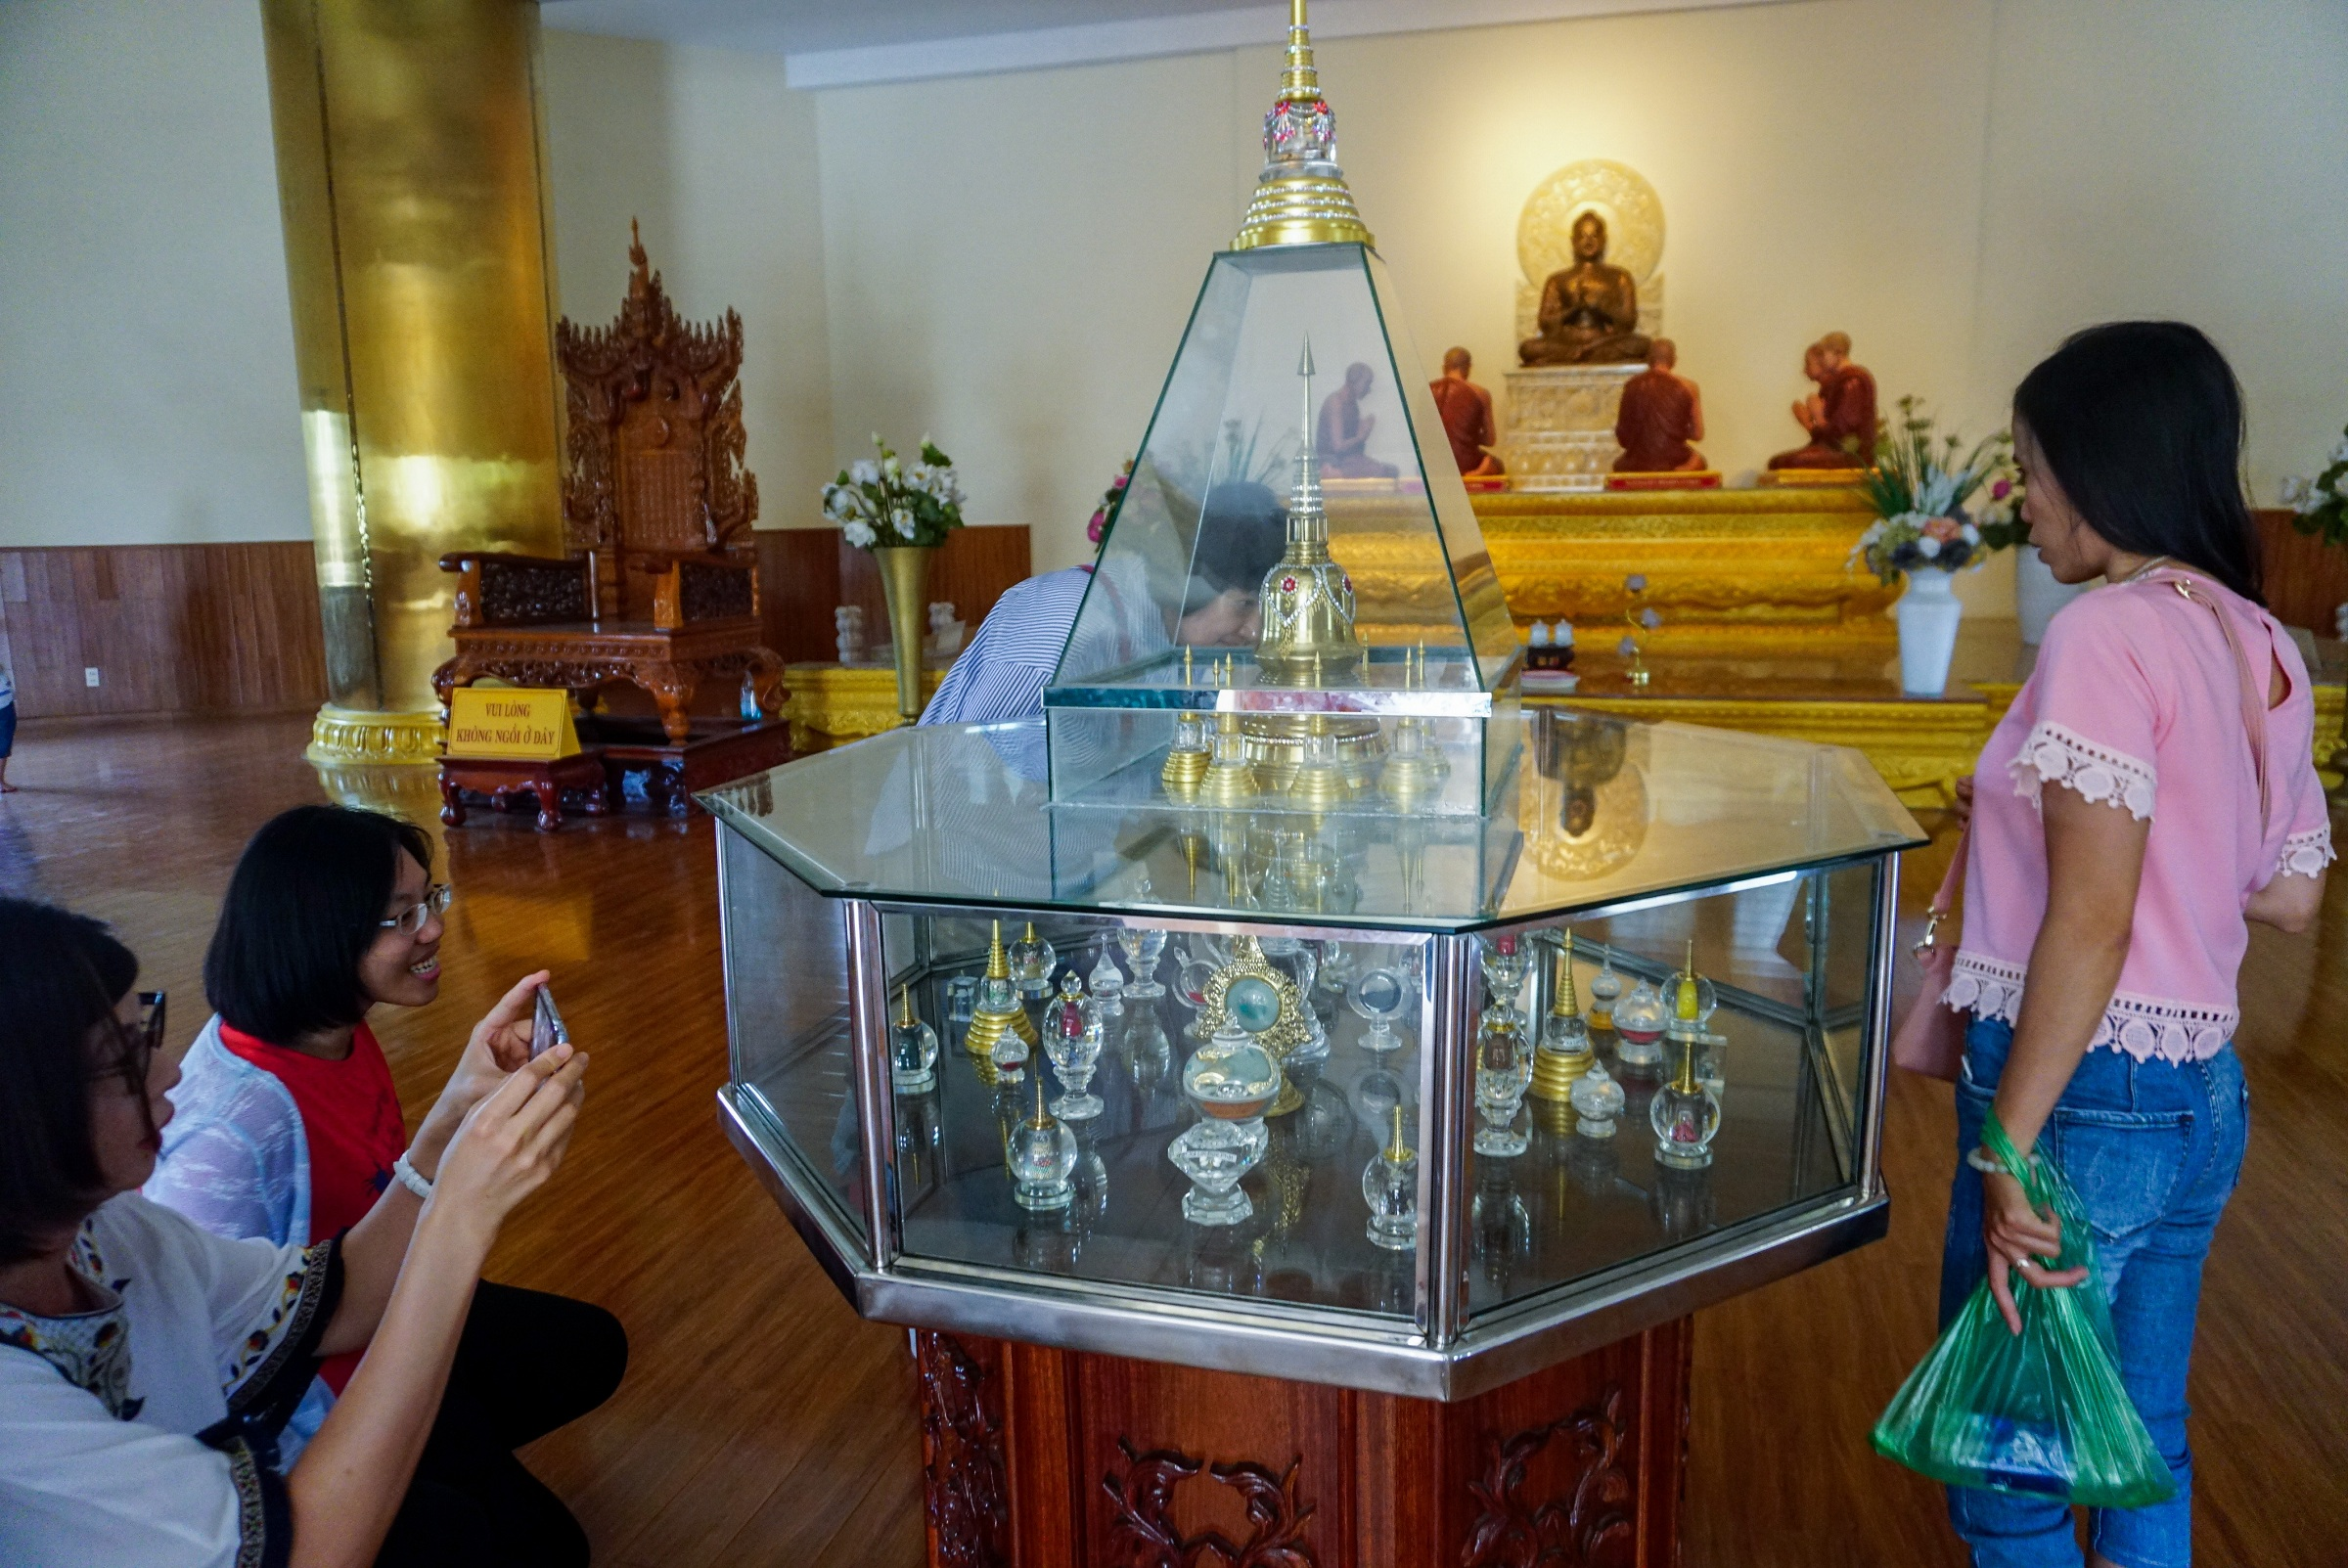 Chùa Bửu Long (hay còn gọi là Thiền viện Tổ đình Bửu Long) tọa lạc ở quận 9 - TPHCM